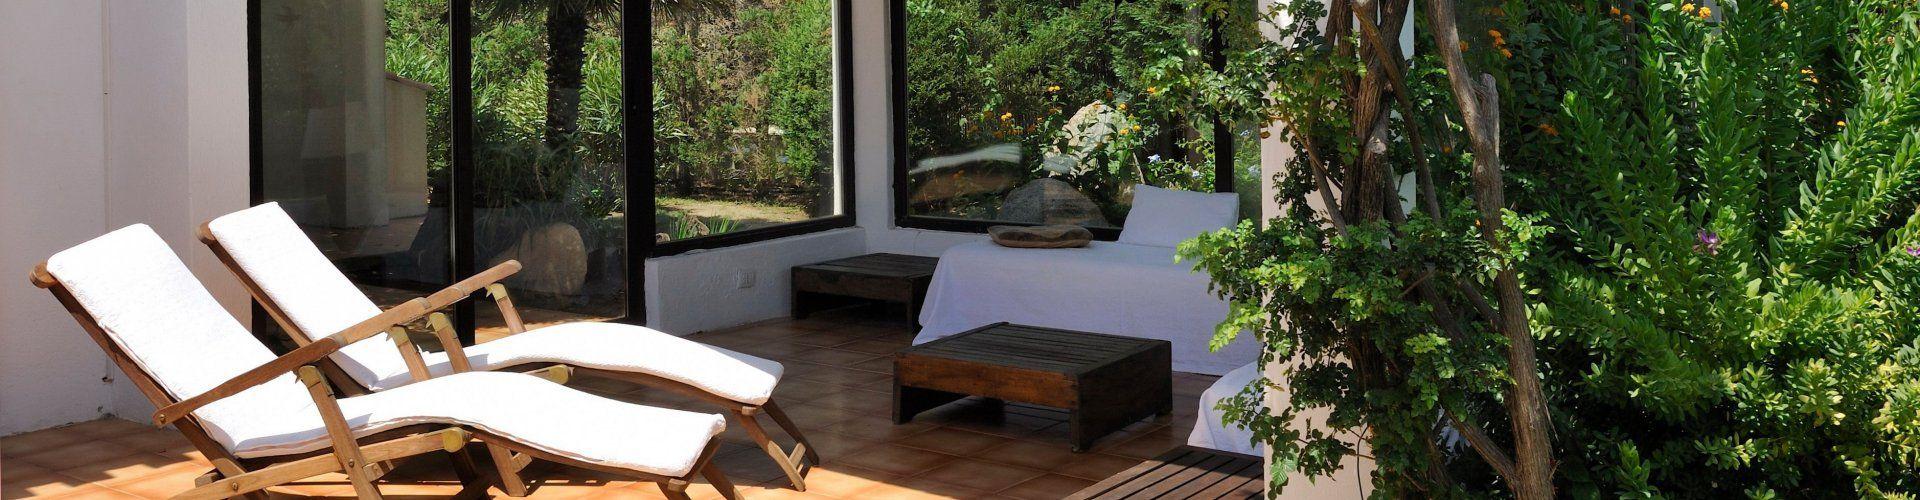 Terrasse mit zwei Liegestühle